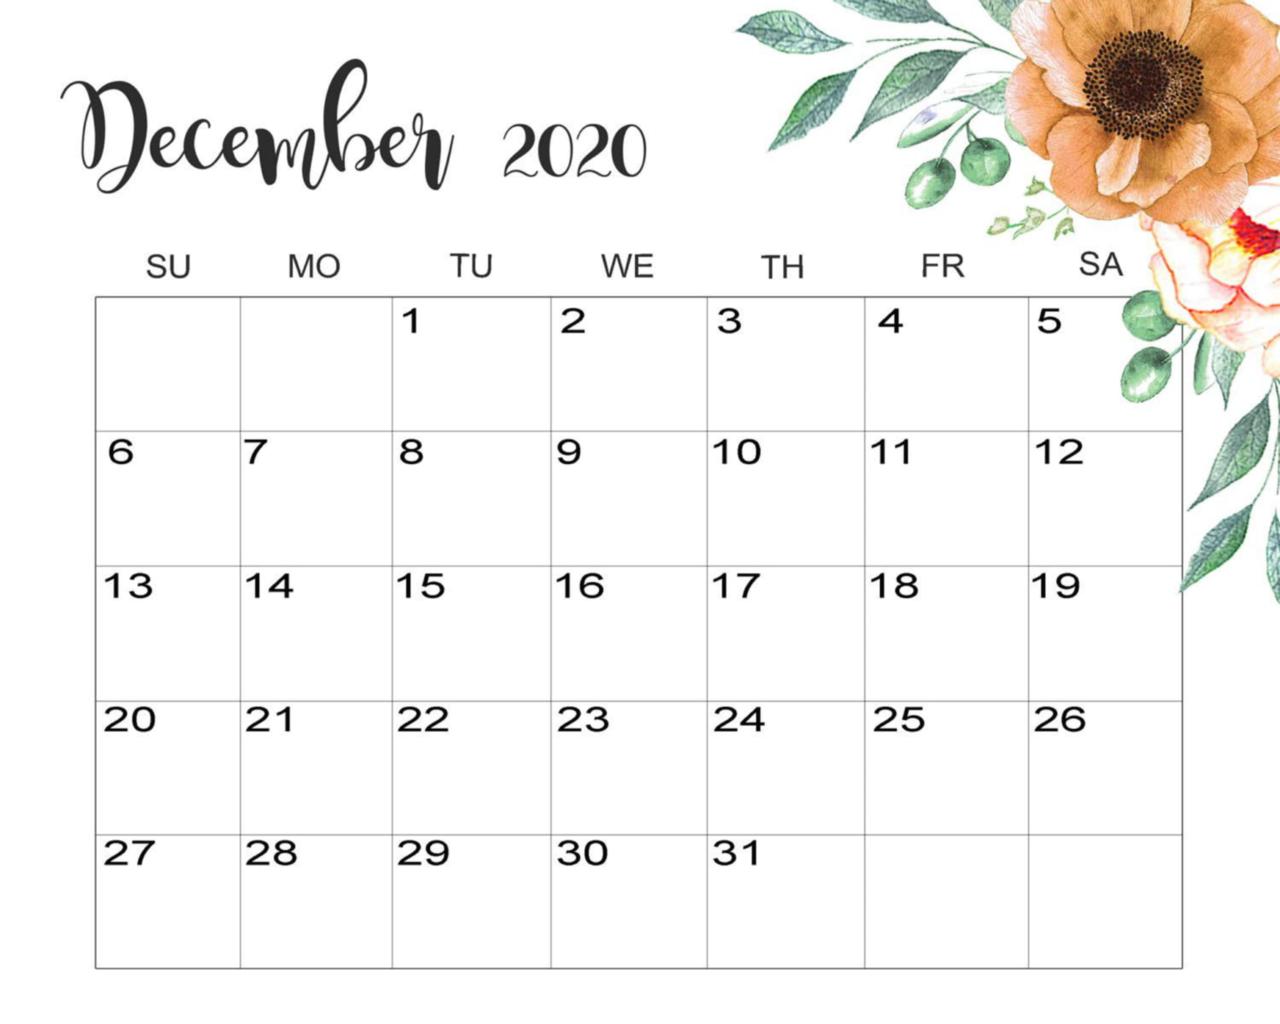 Cute December 2020 Calendar Desktop Wallpaper 1280x1024